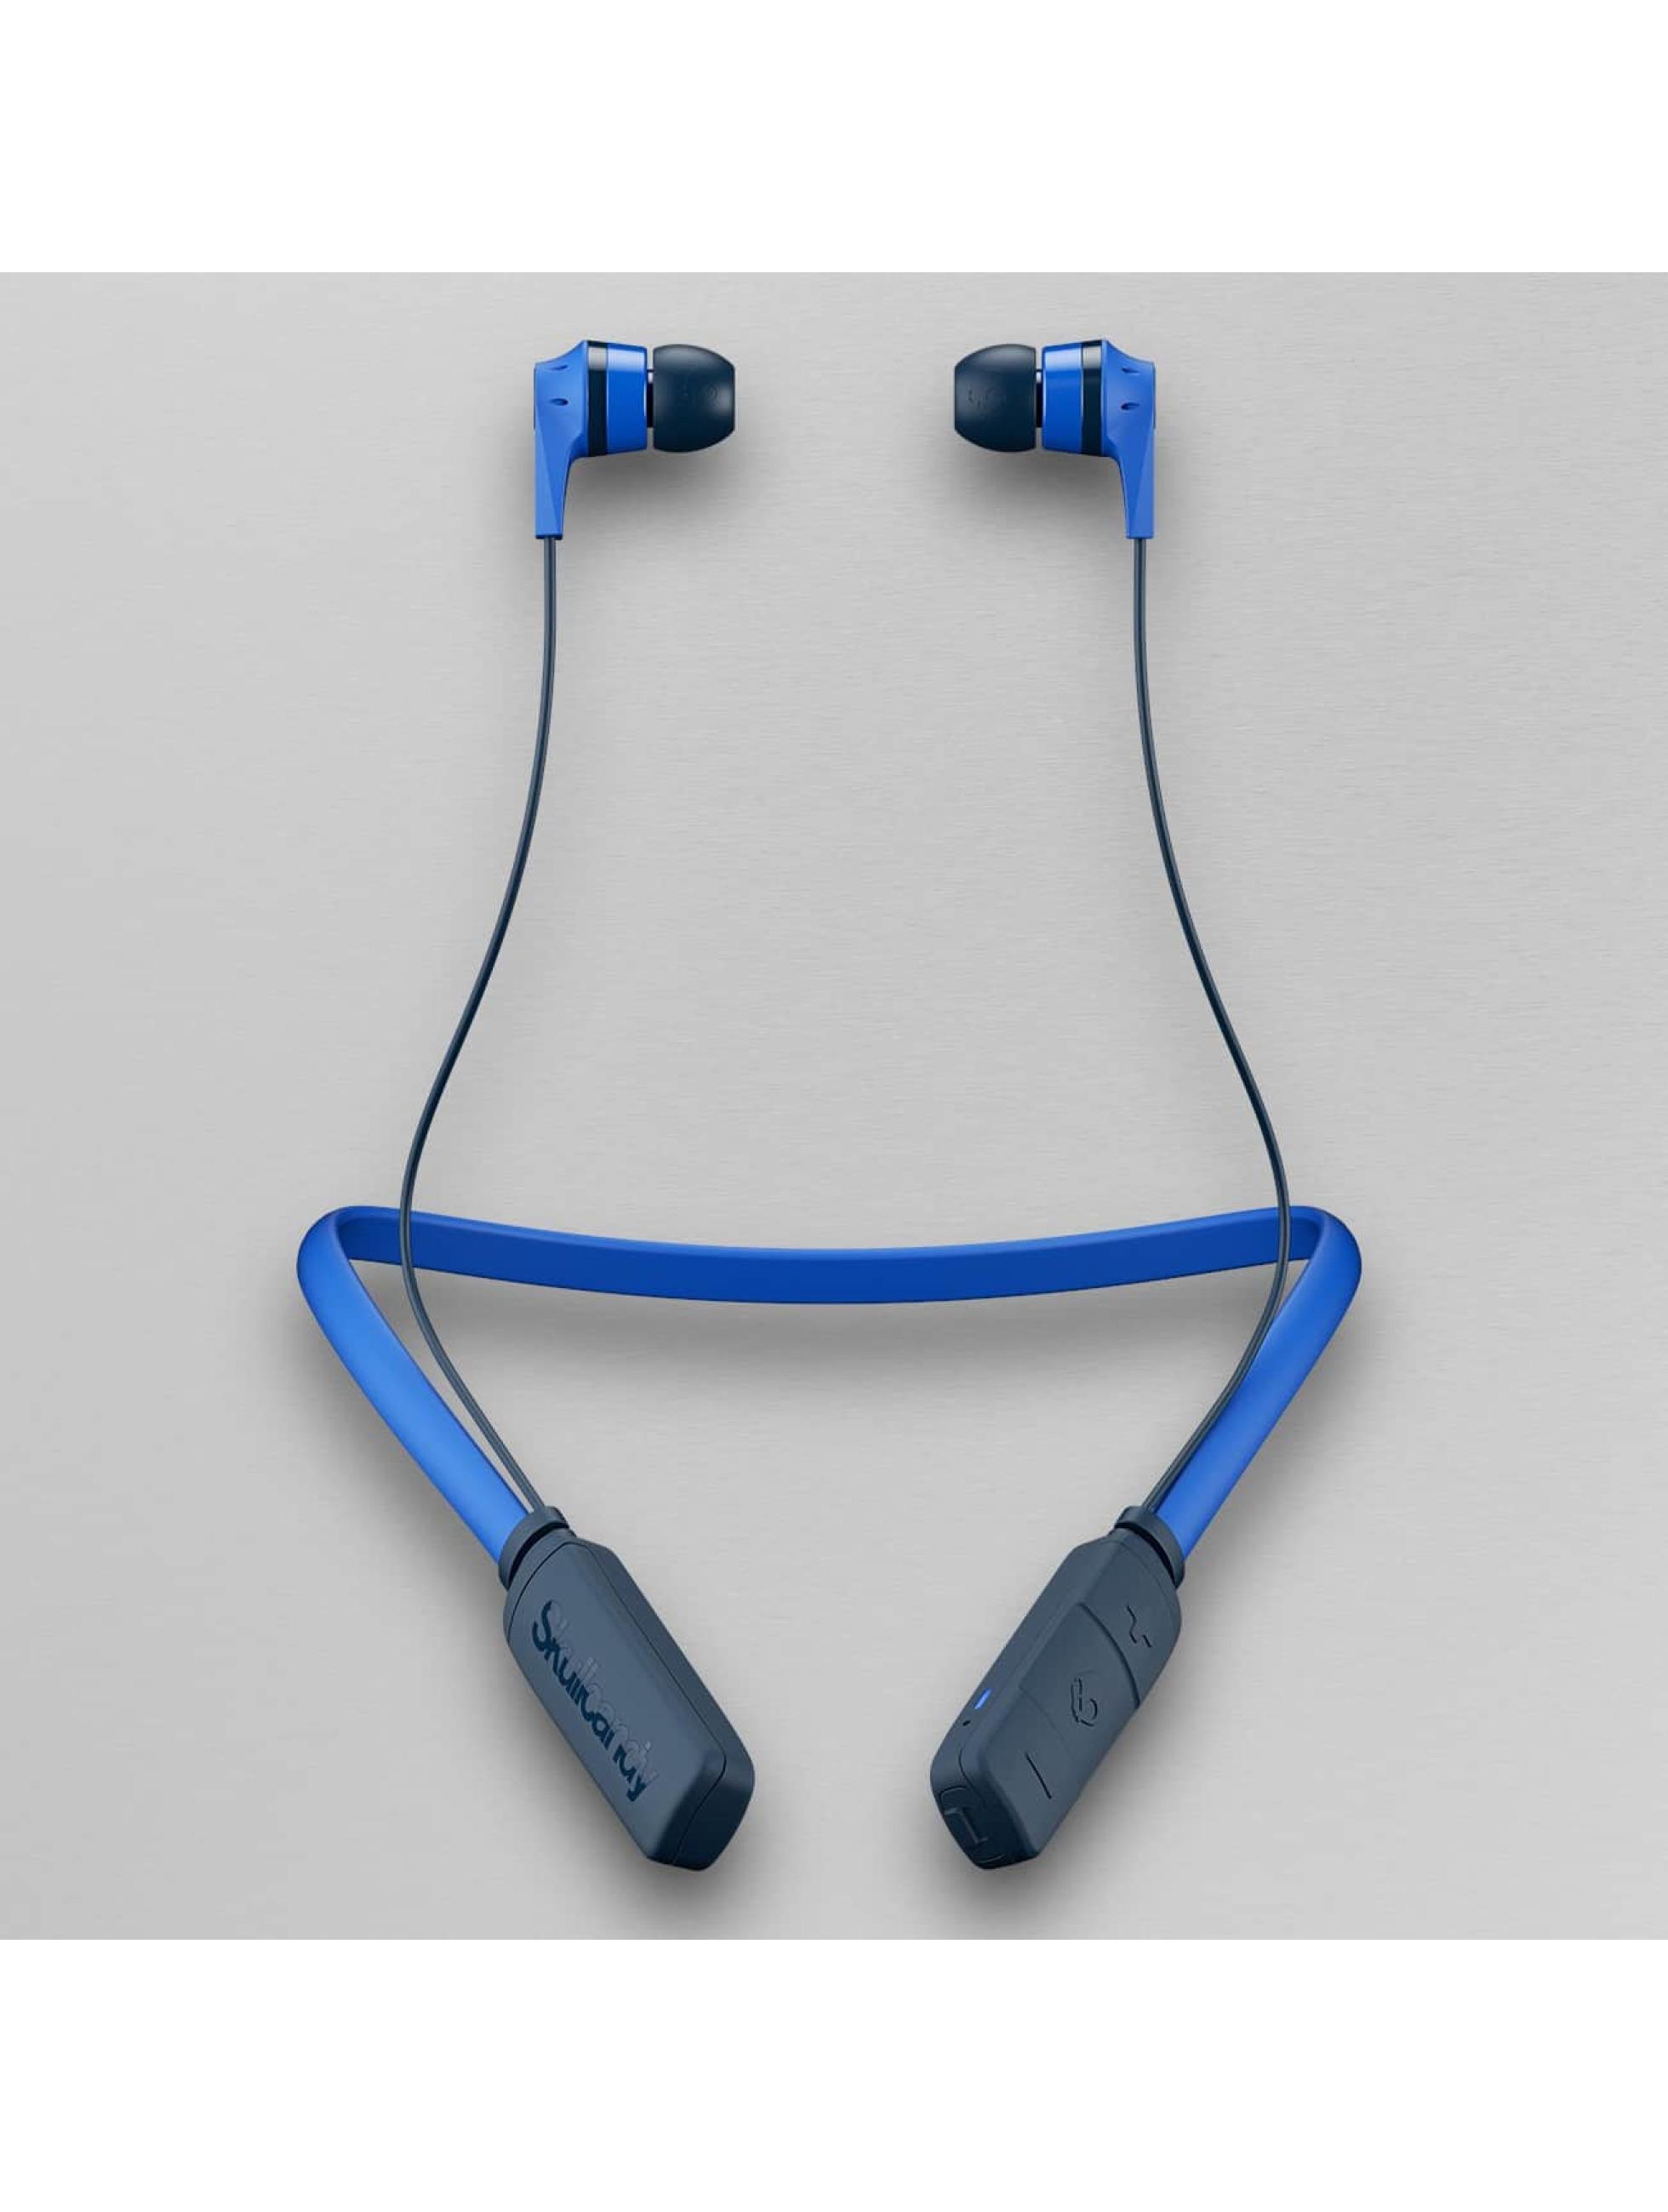 Skullcandy Sluchátka Inked 2.0 Wireless modrá